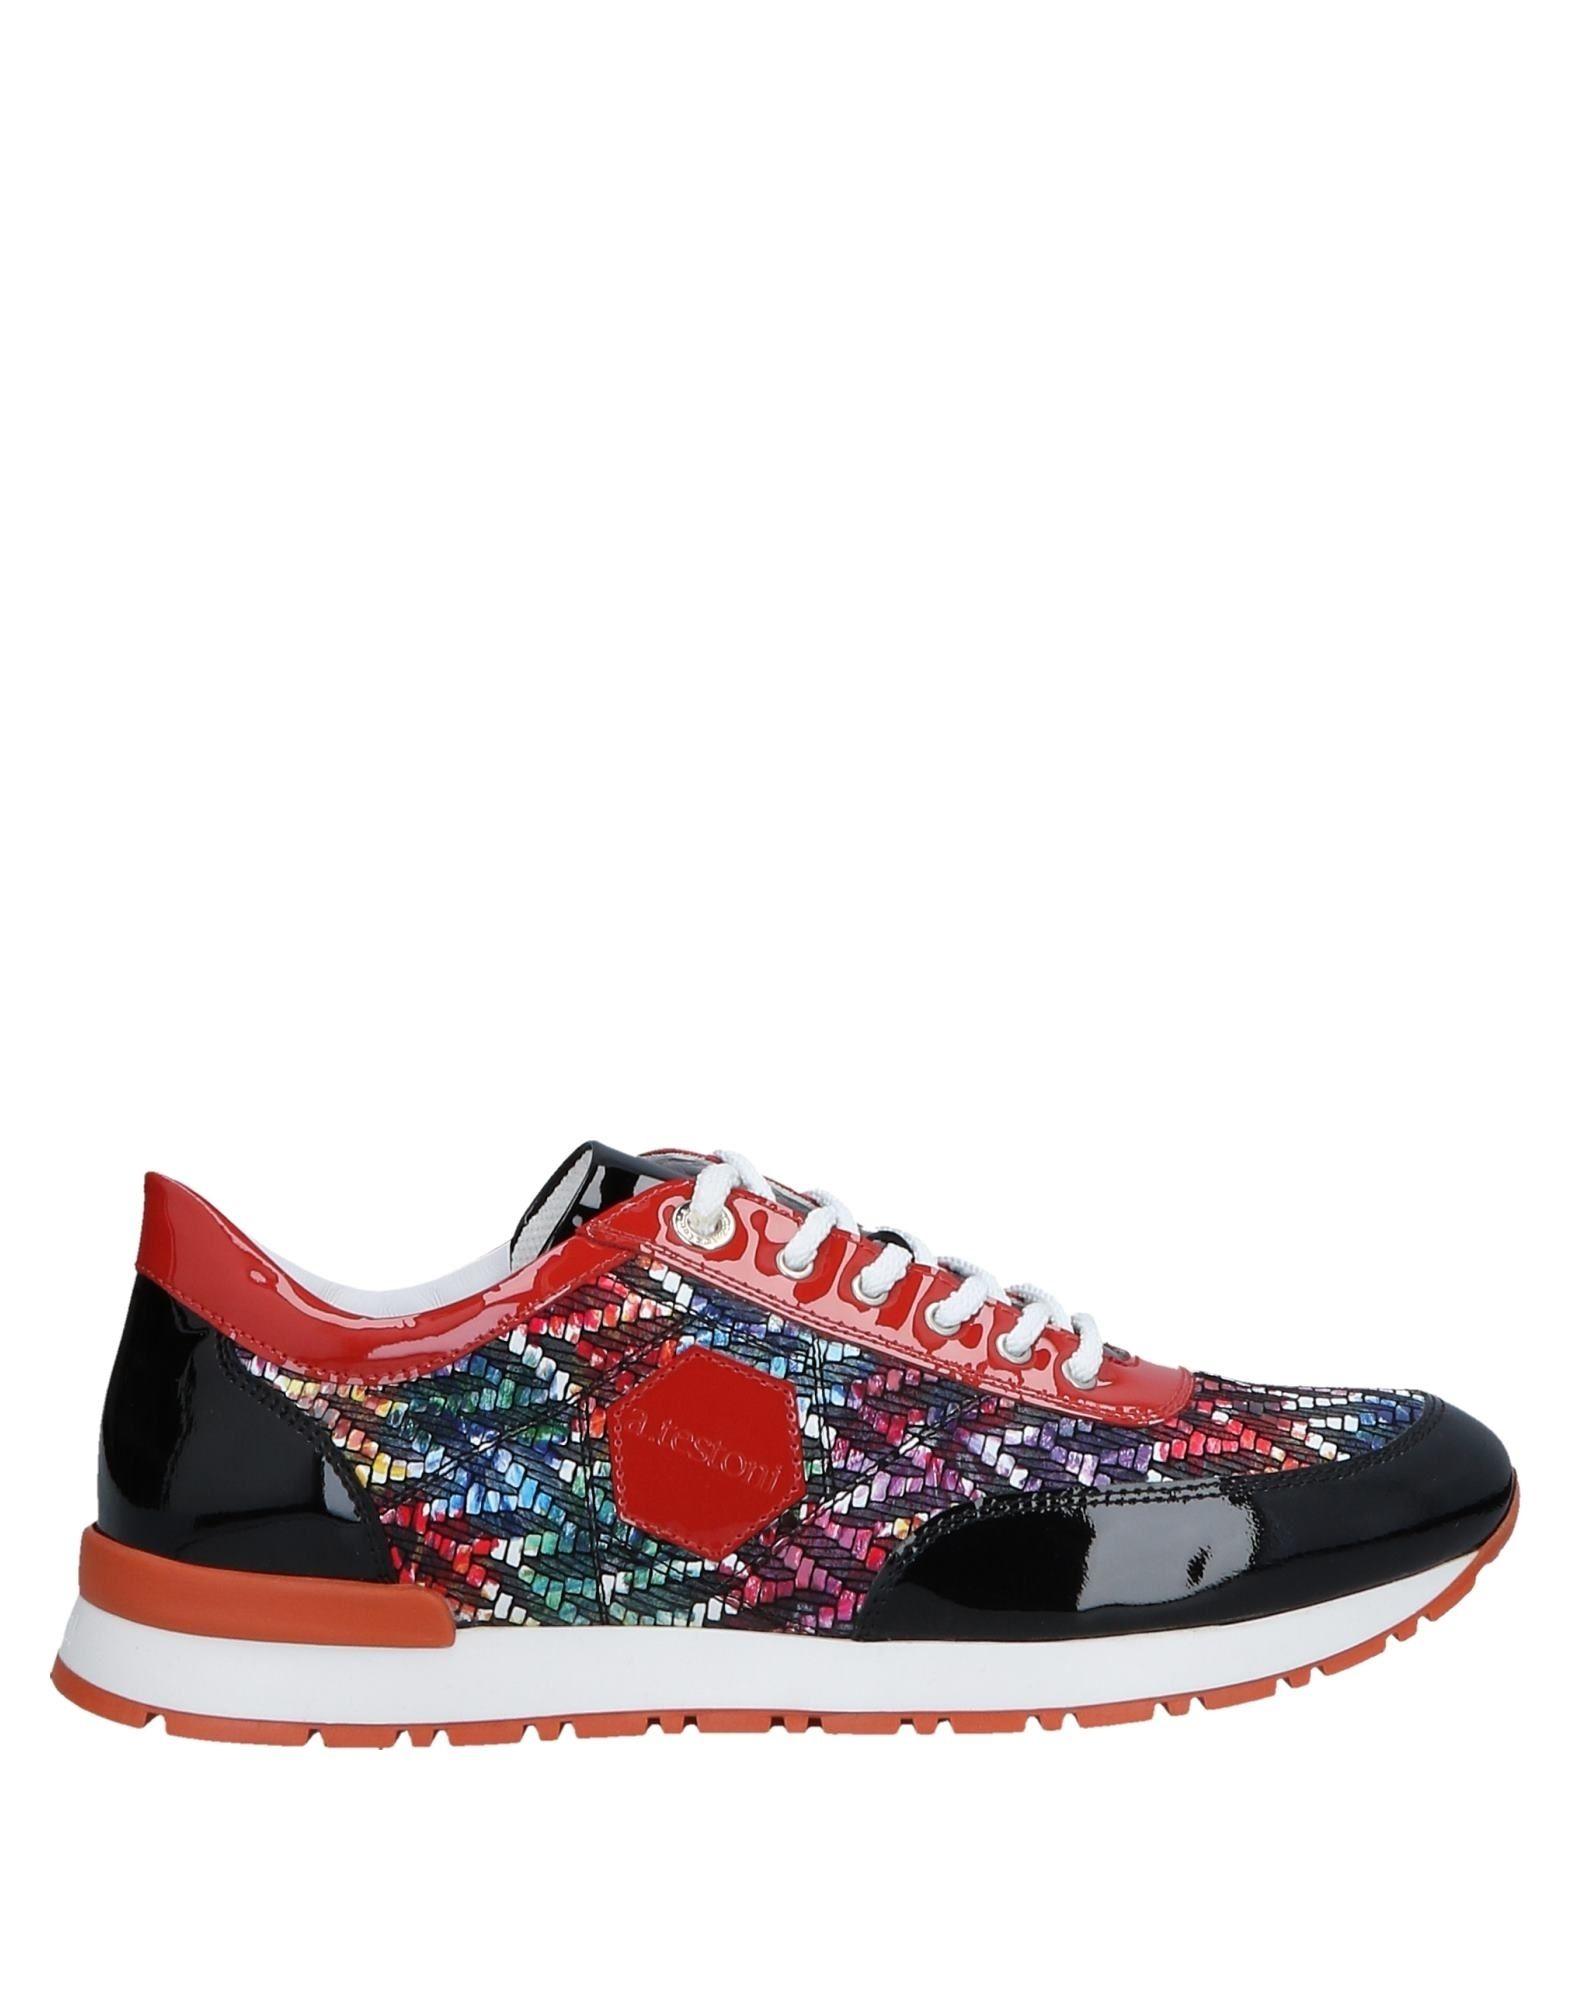 A.Testoni Sneakers Damen Qualität  11511744EO Gute Qualität Damen beliebte Schuhe 623503